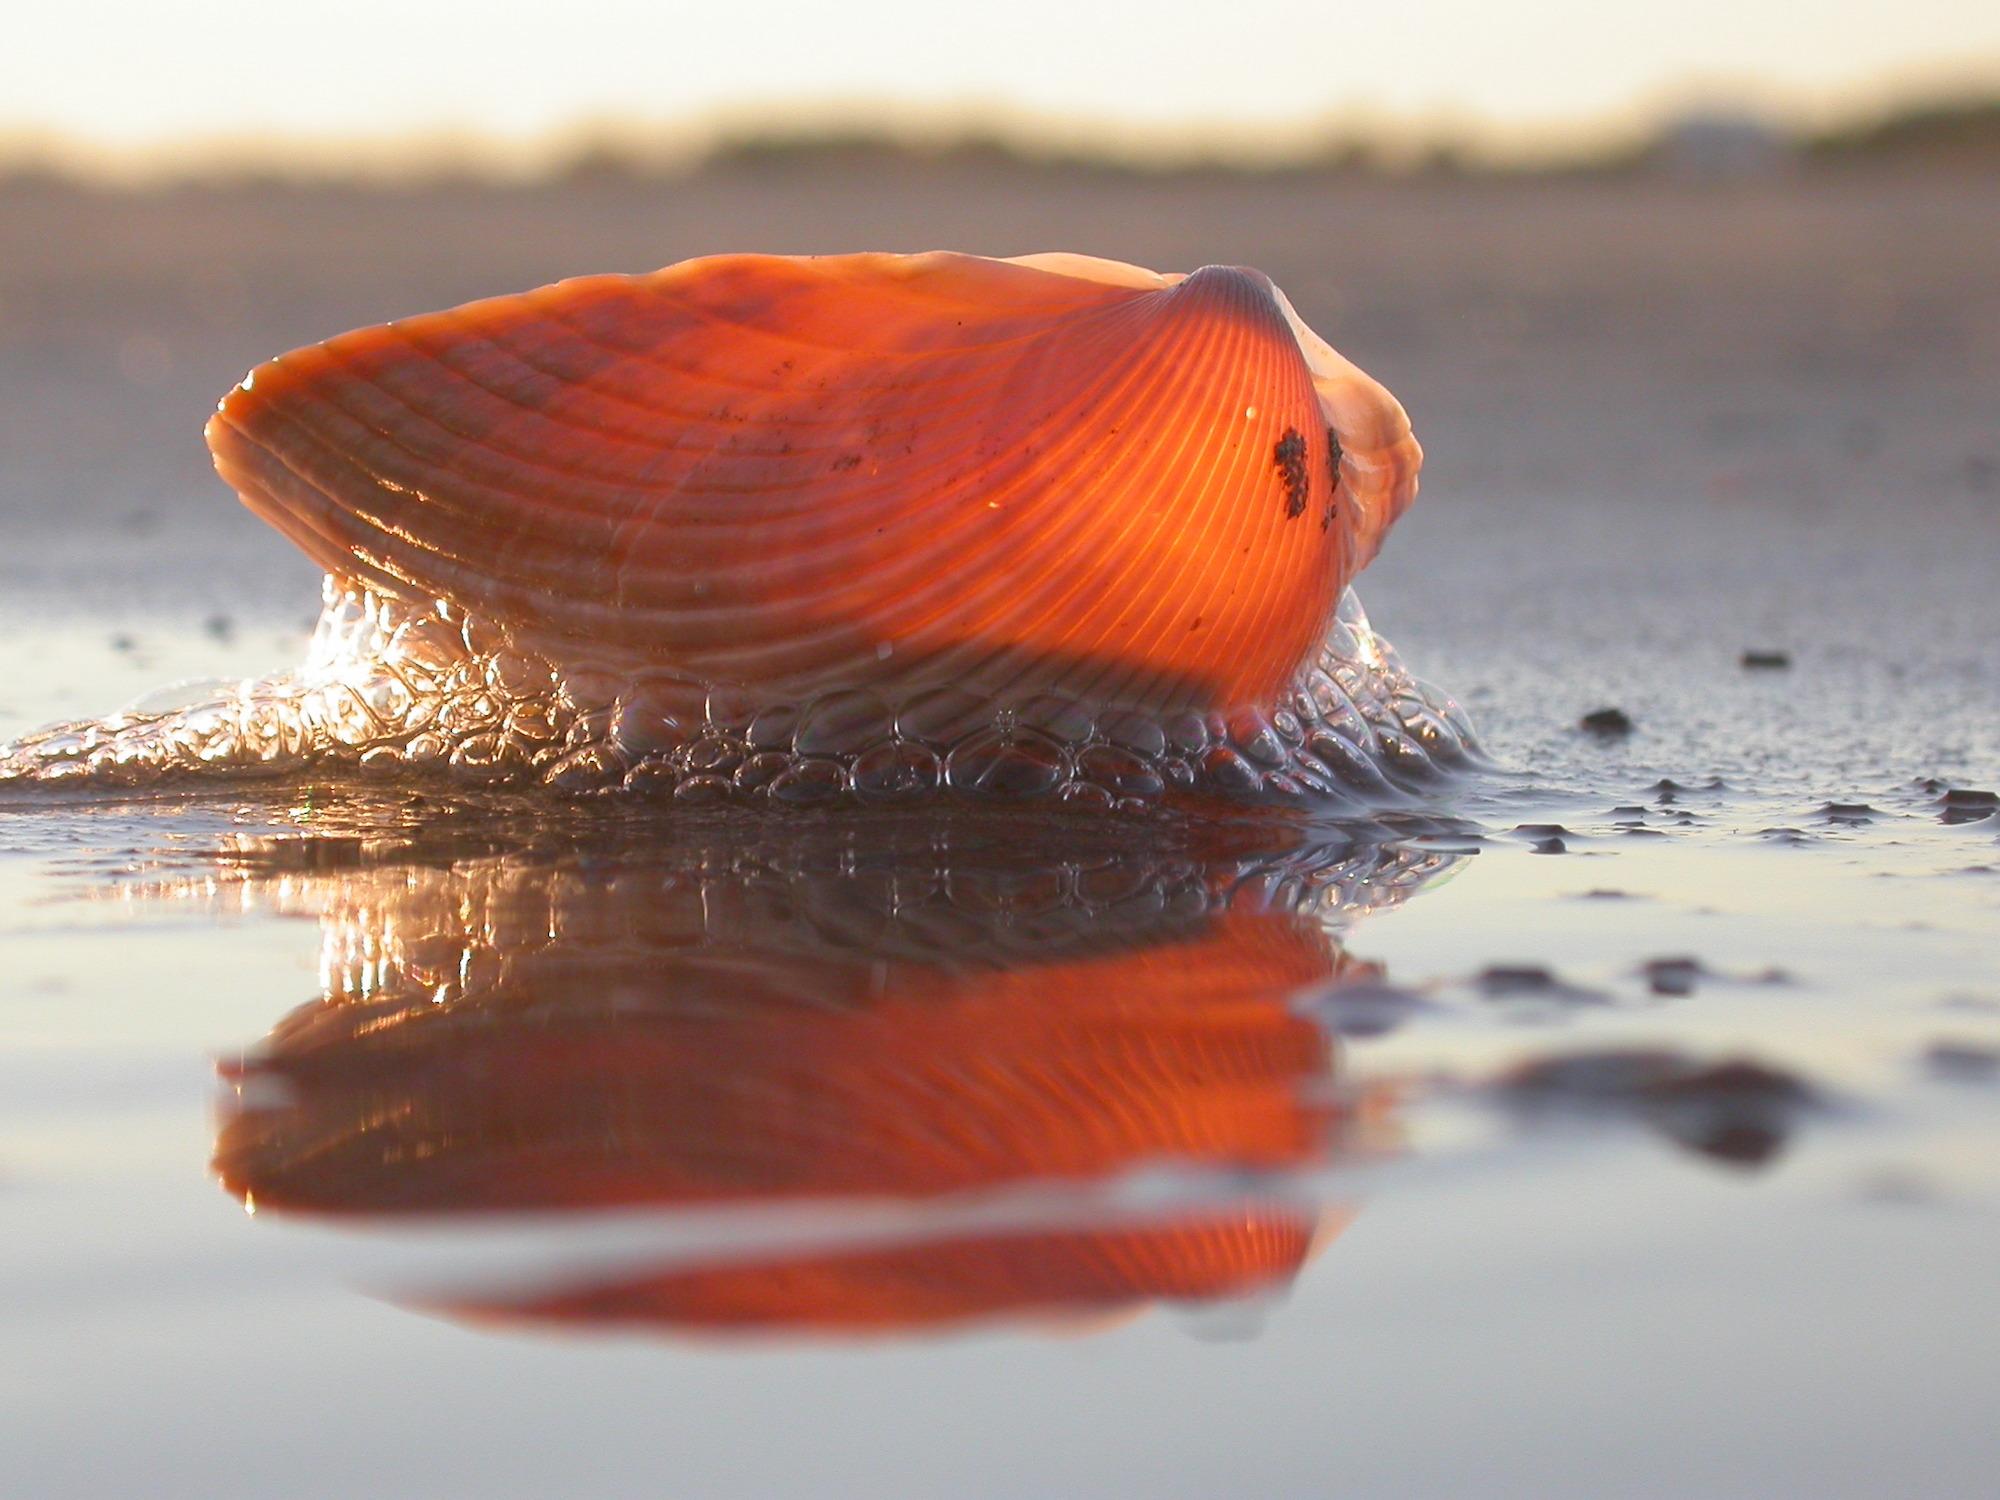 Macro Image of Shell